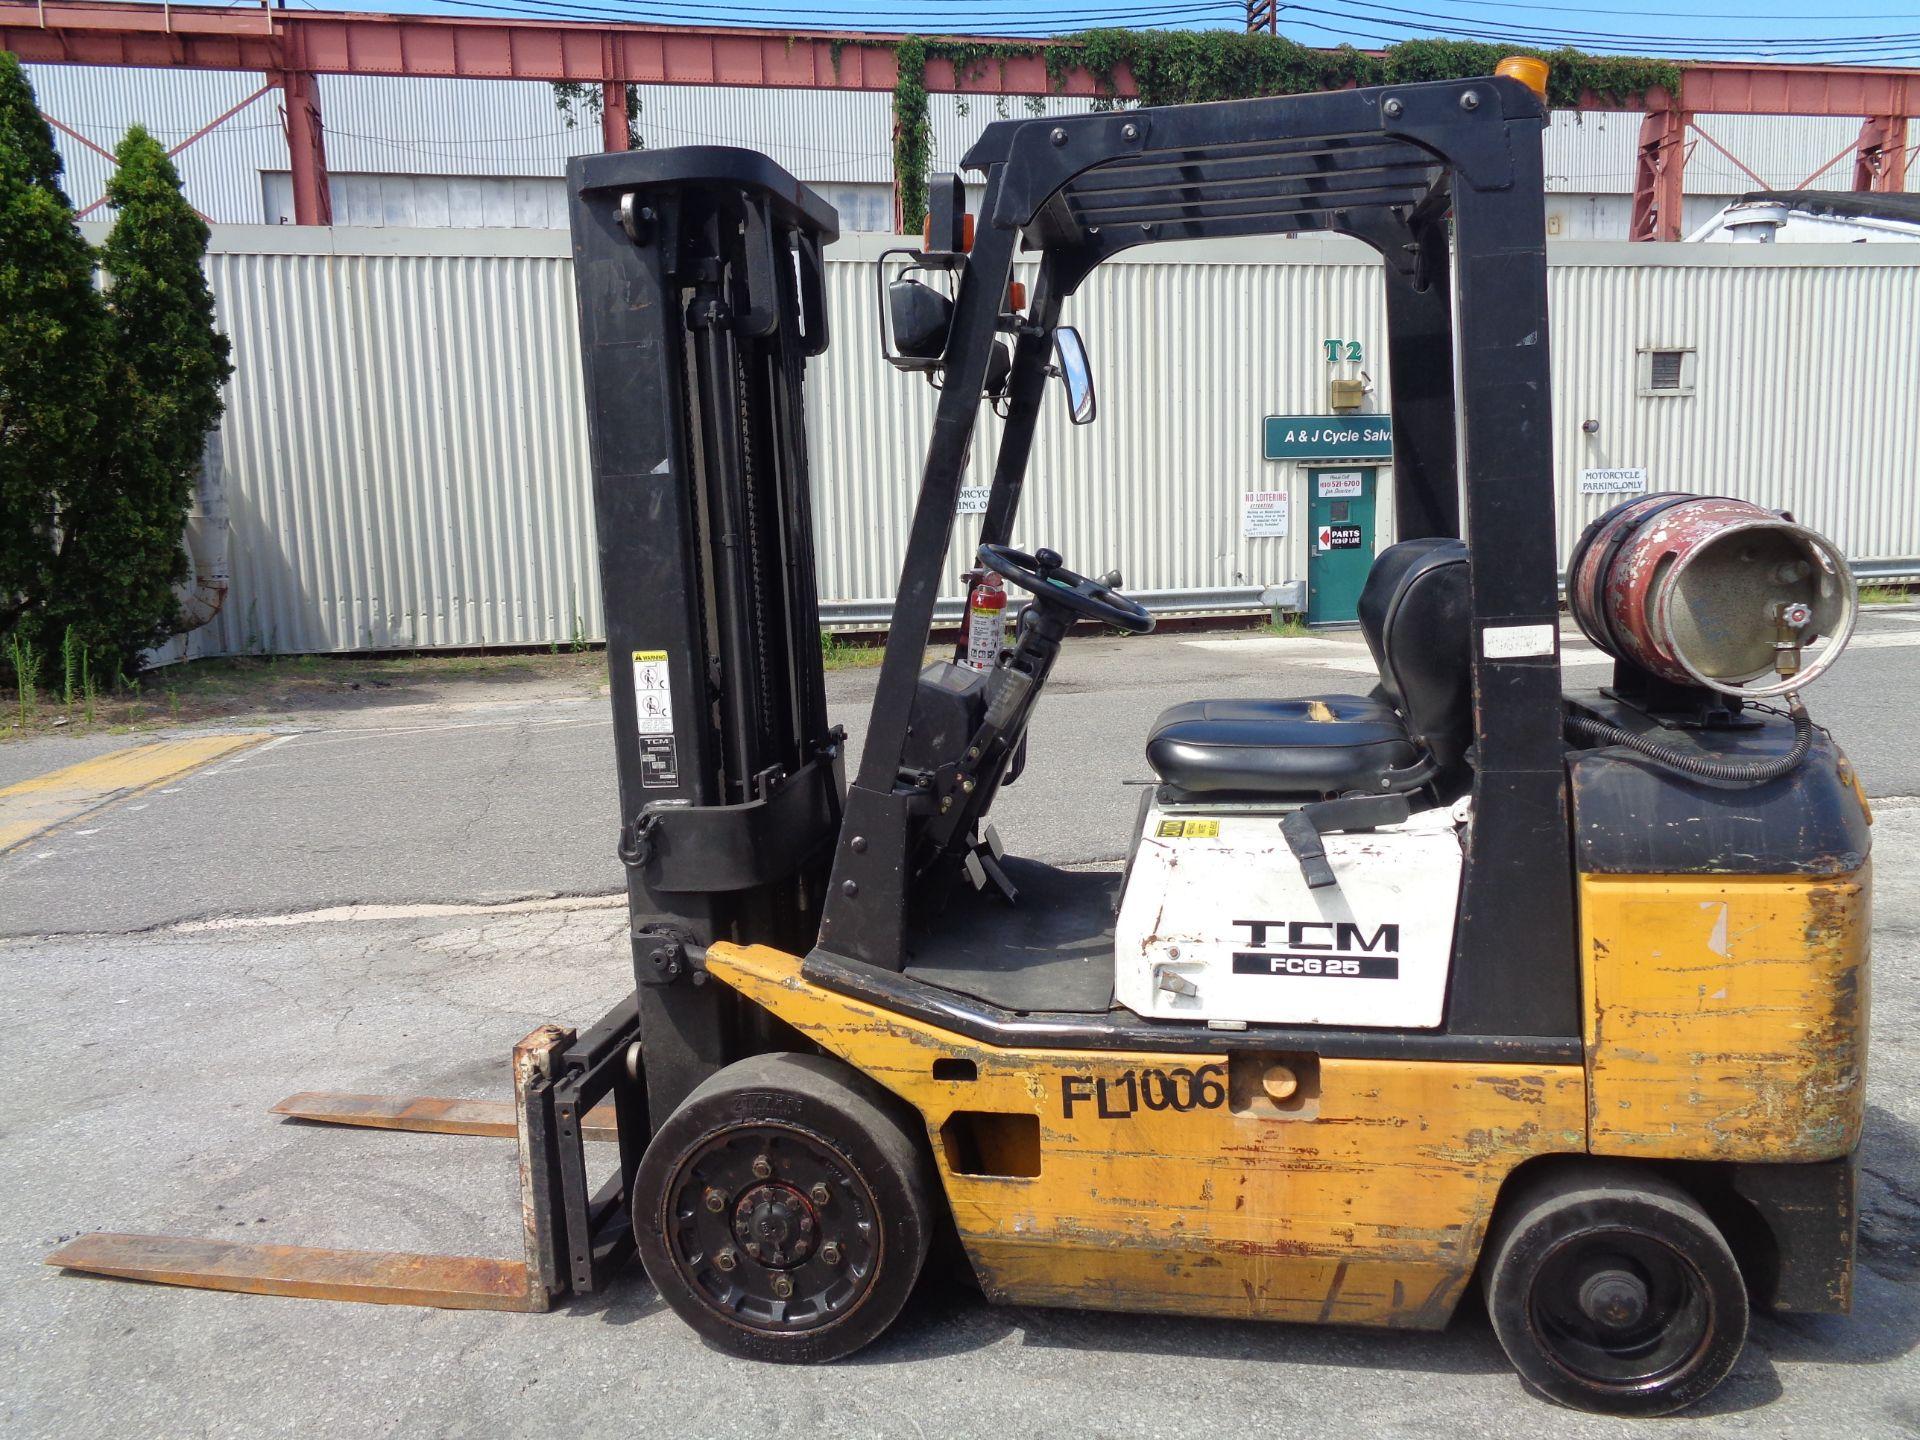 Lot 5 - TCM FCG25 5,000lb Forklift